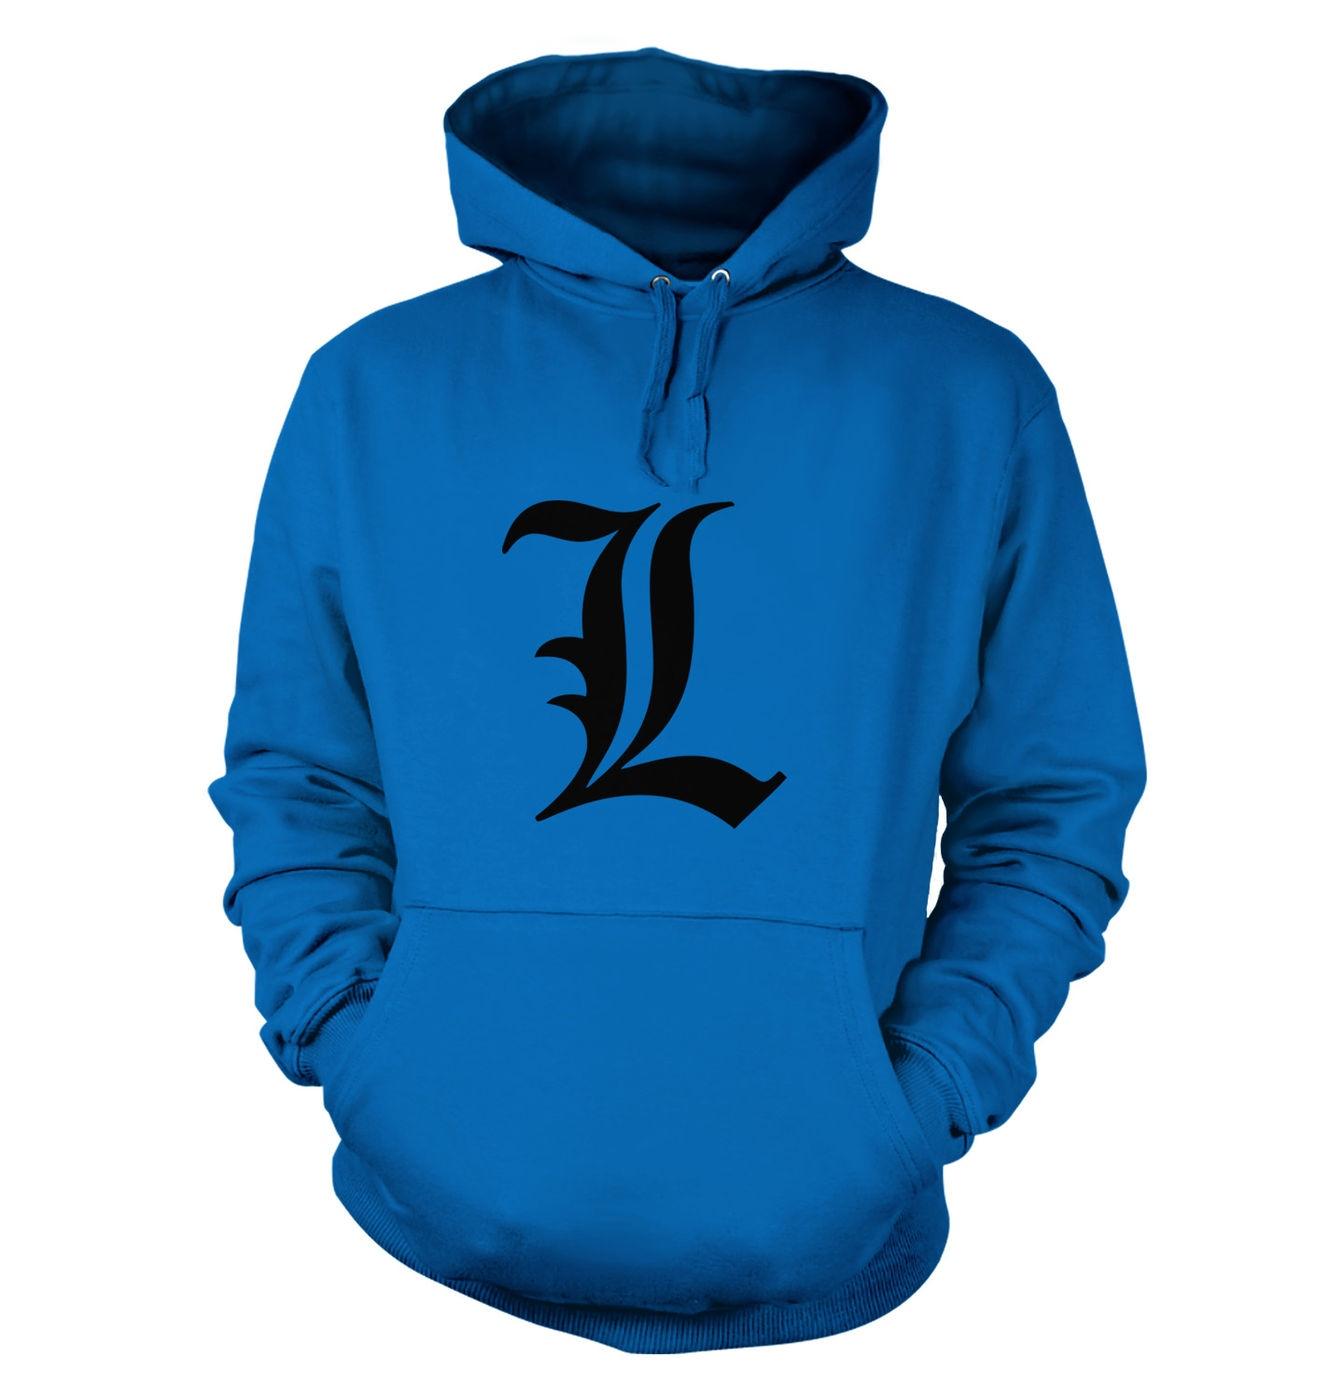 'L' hoodie